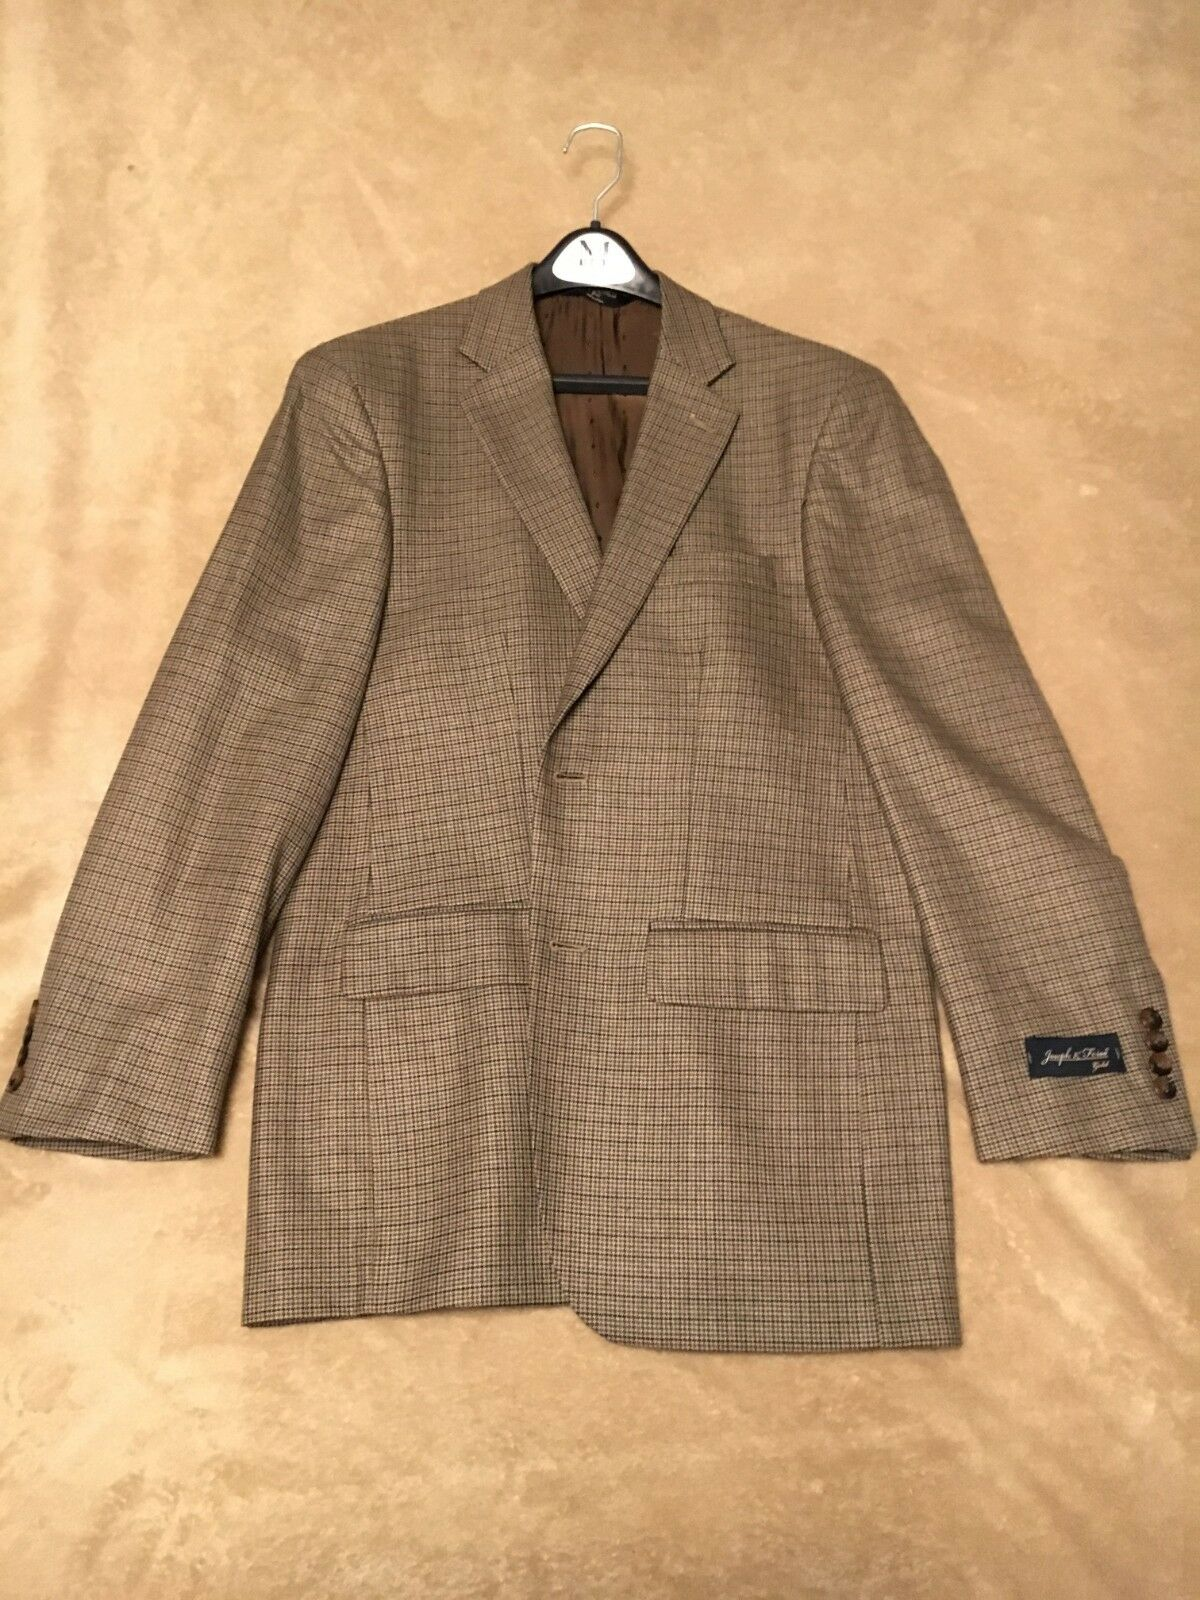 Joseph & Feiss gold Label Houndstooth Men's Sport Coat   Blazer (Size 38 R)